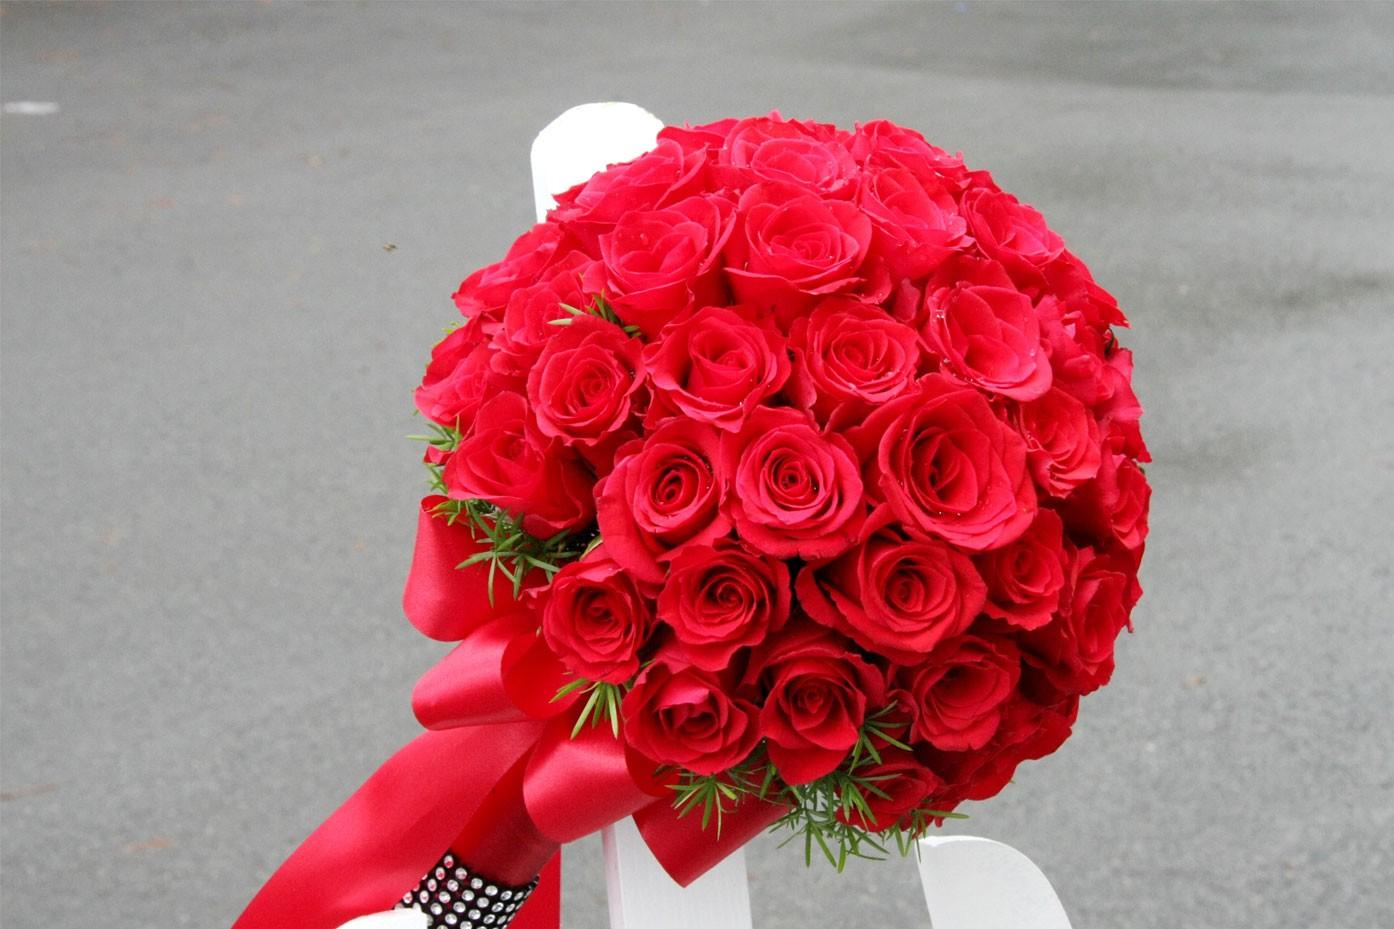 Hoa cưới cầm tay kết từ hoa hồng đỏ